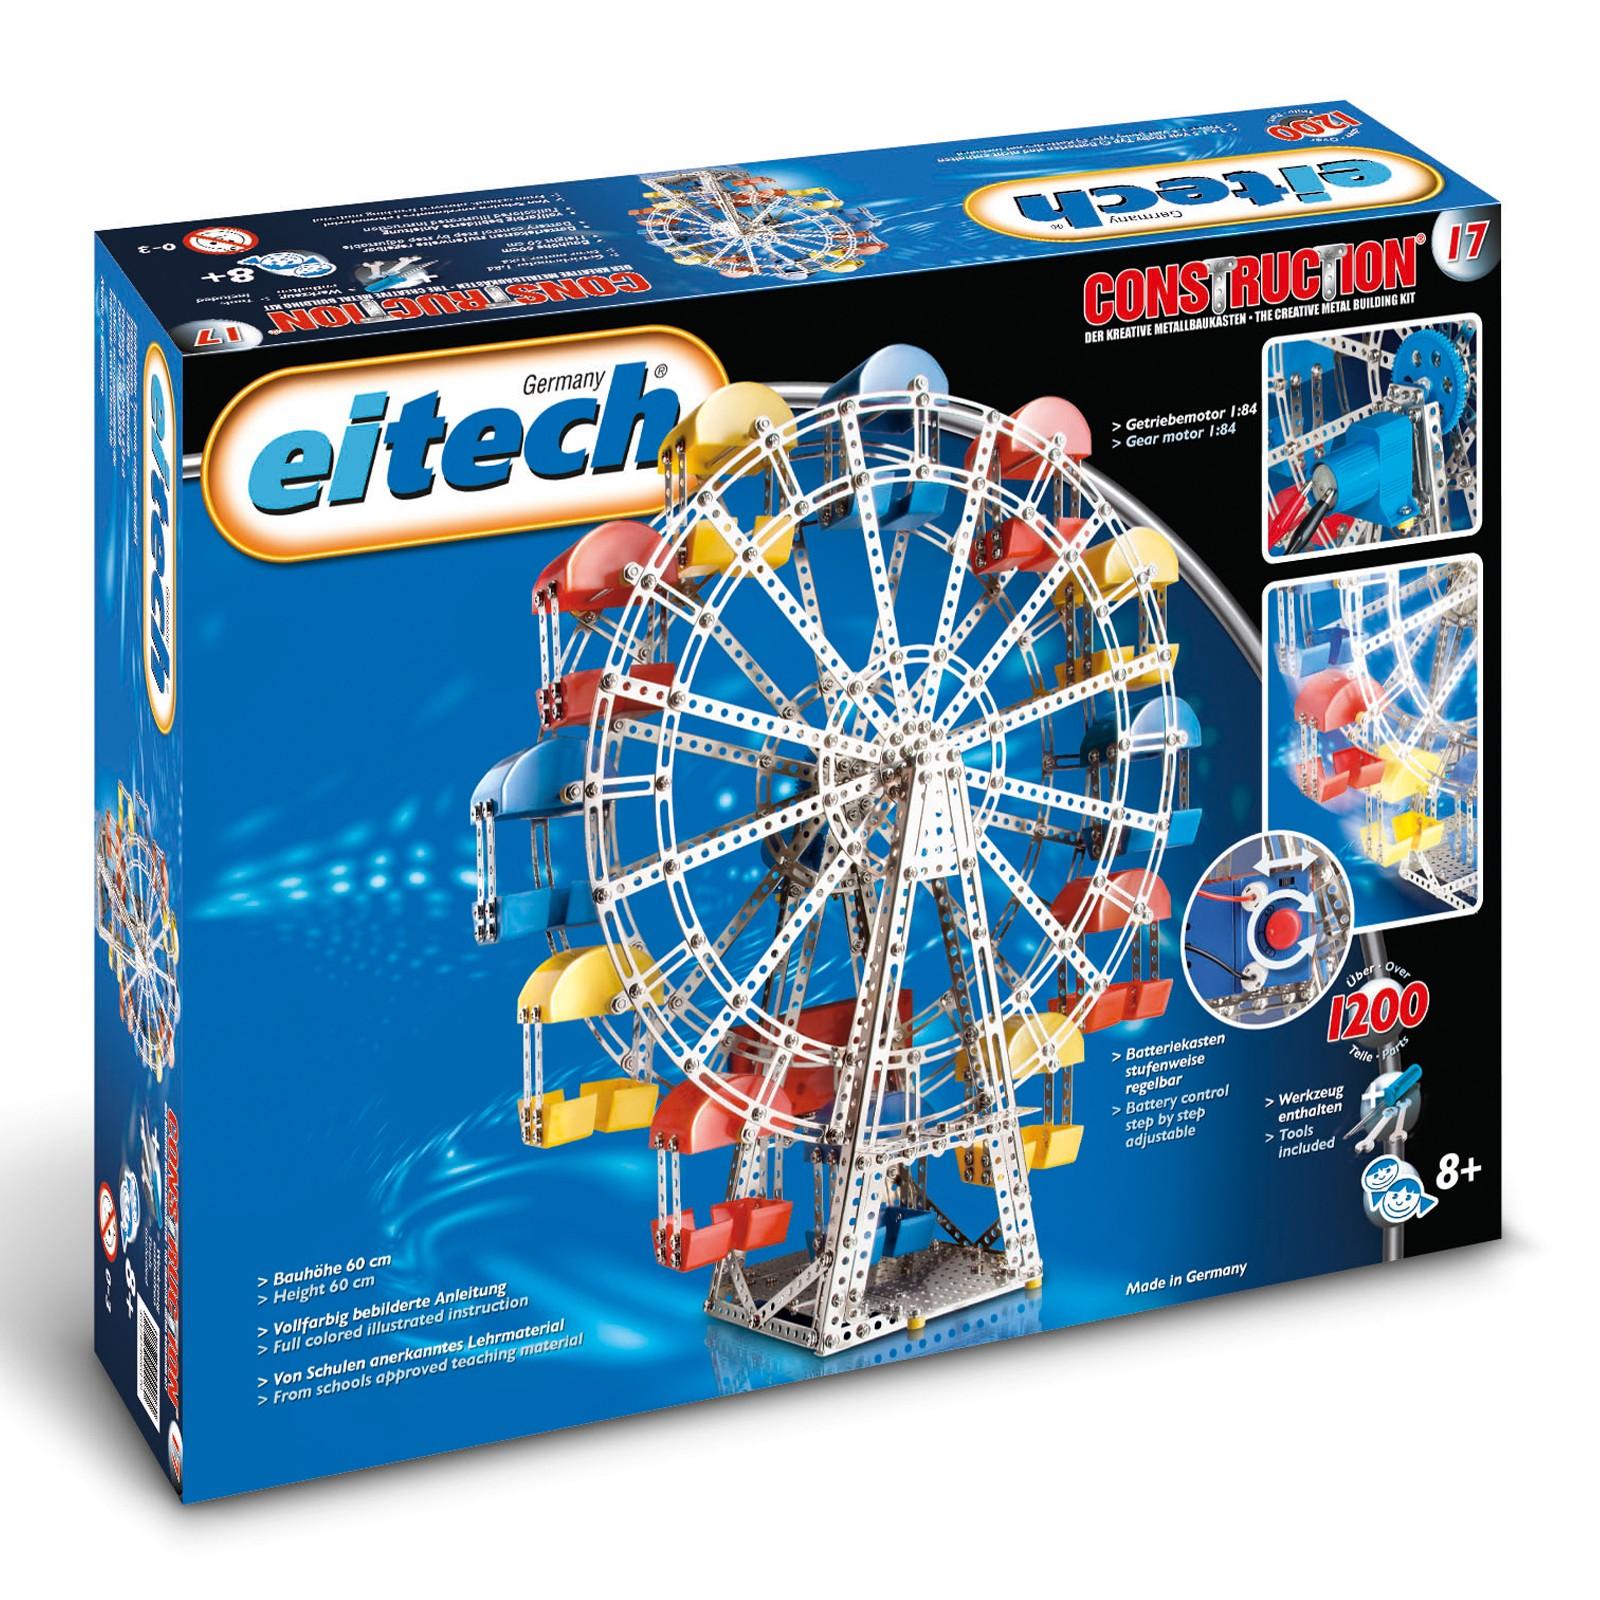 EITECH Metallbaukasten Riesenrad mit Getriebemotor 60cm hoch